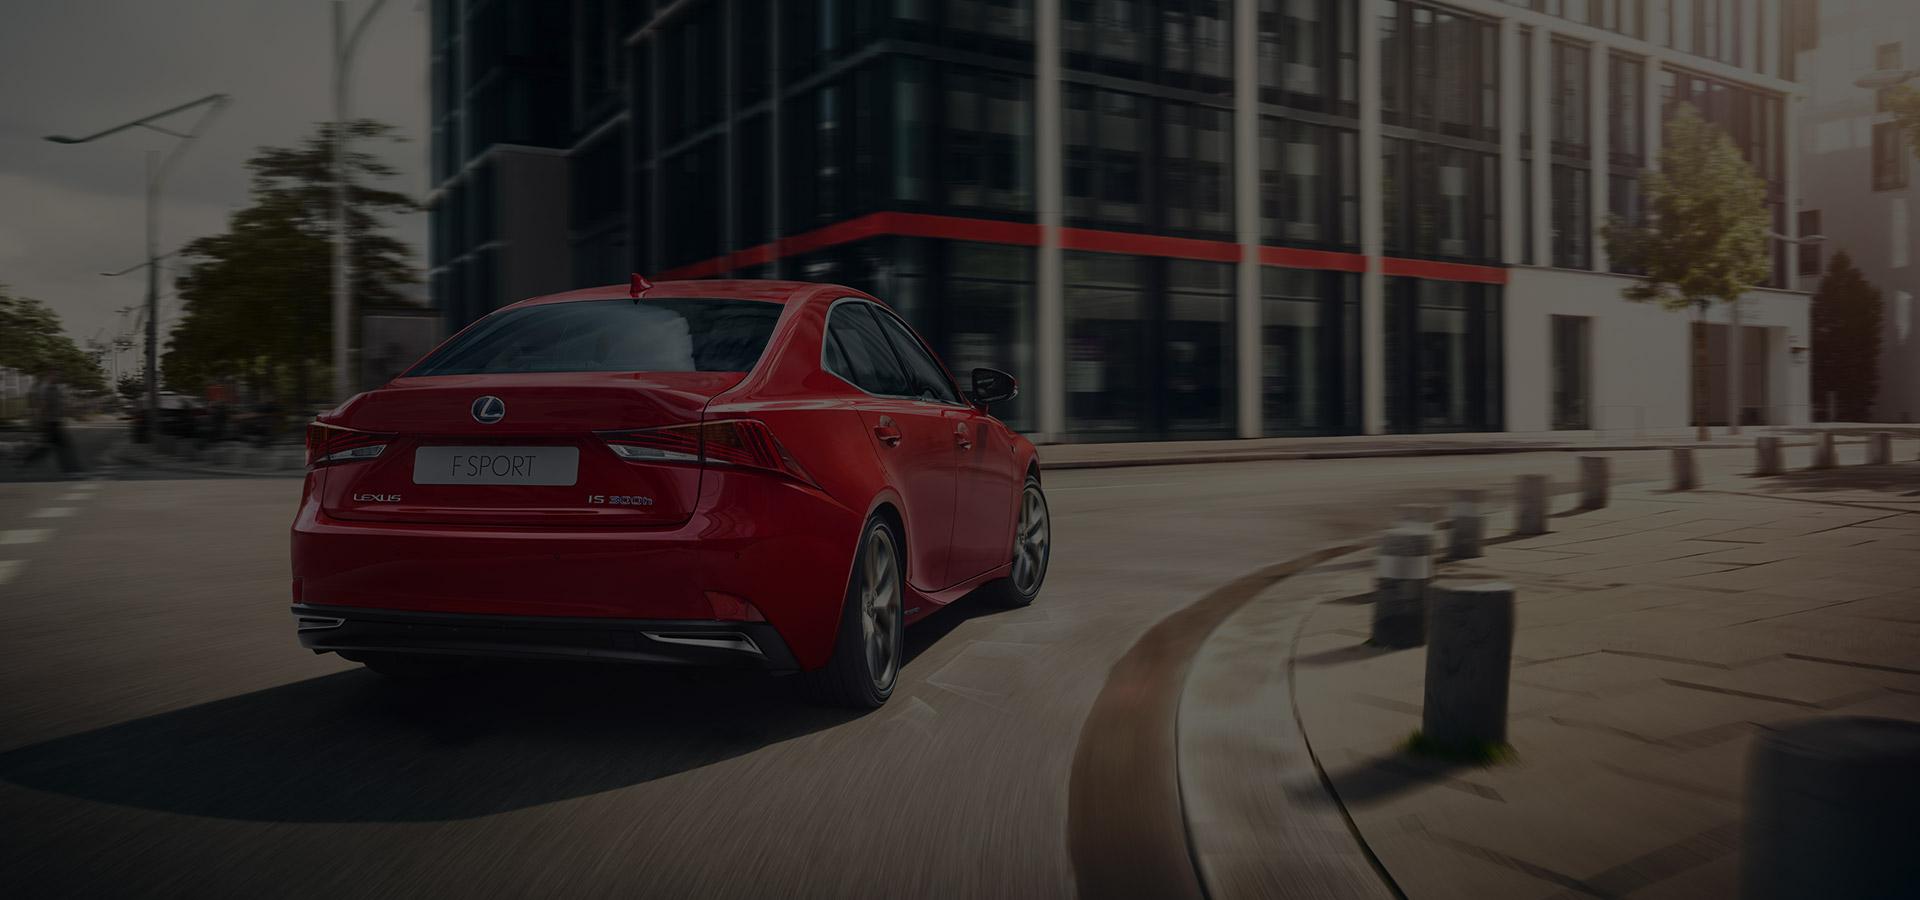 2017 Lexus IS F SPORT hero video